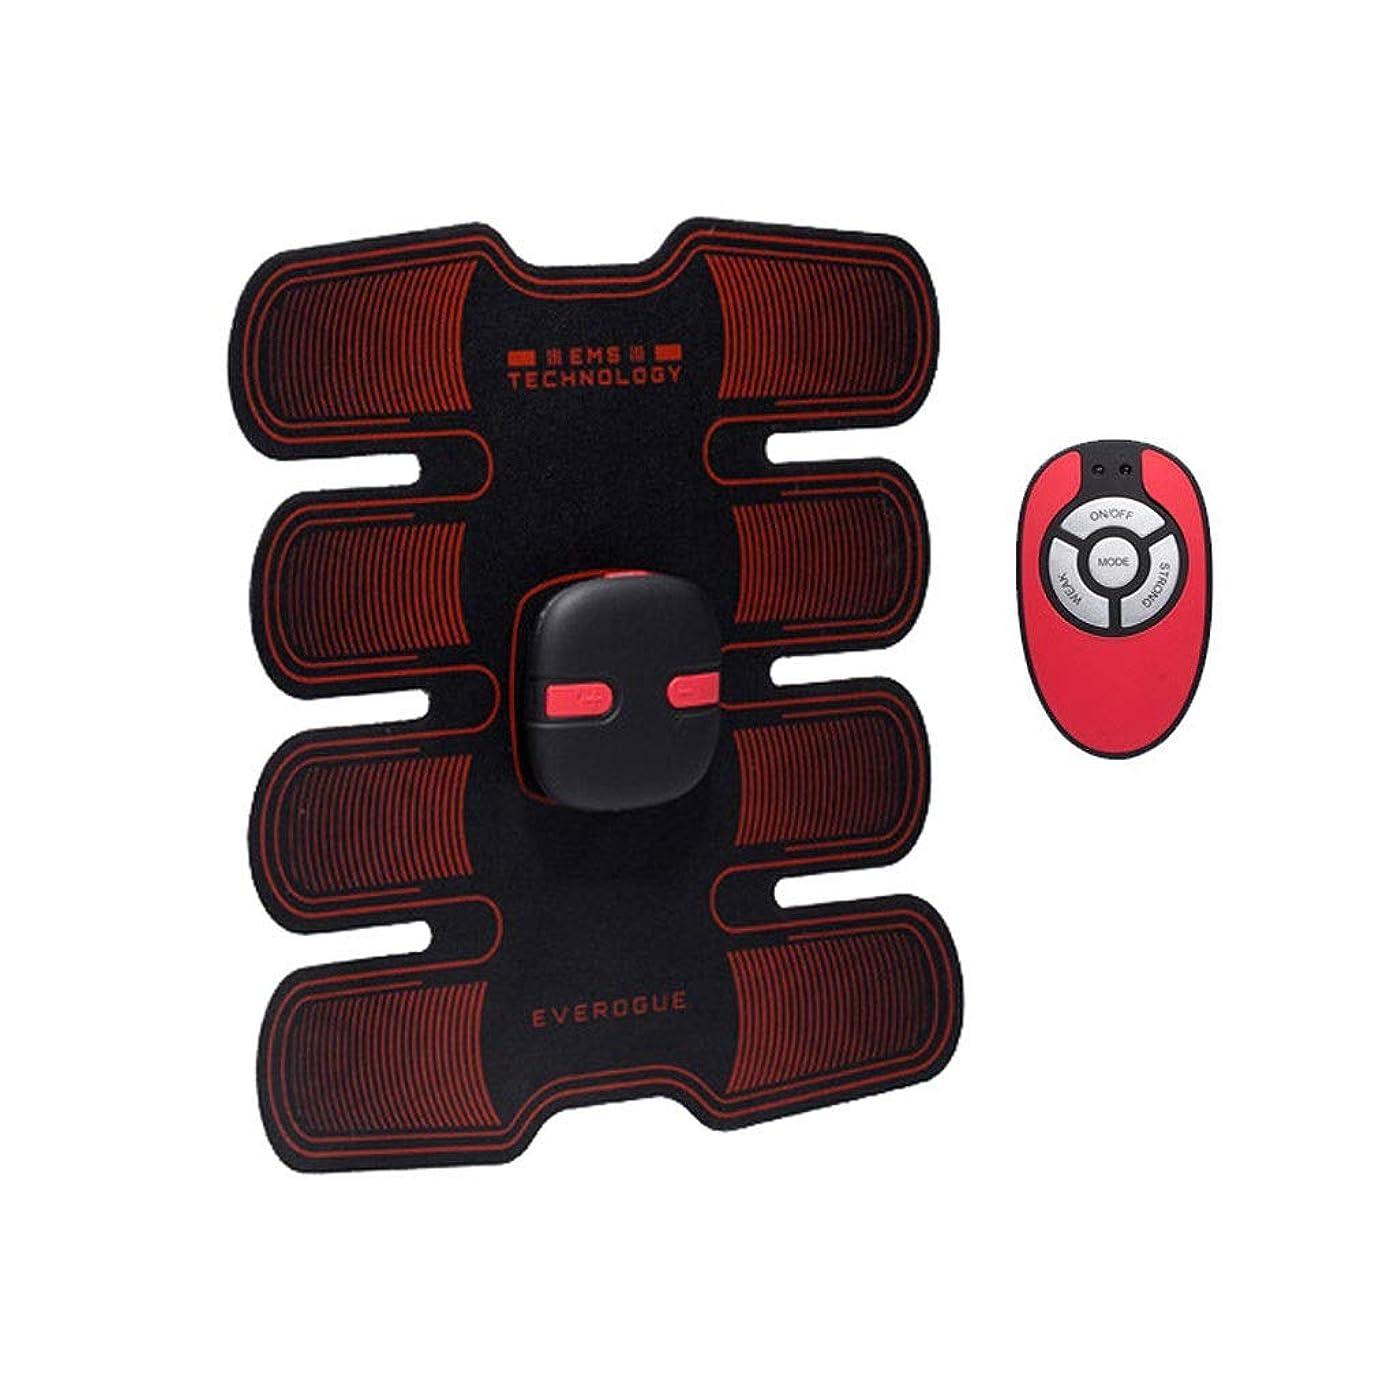 起こる守銭奴テセウスフィットネストレーニングギア、リモコン付きEMS筋肉刺激装置USB充電式究極の腹部刺激装置 - 男性用女性用筋肉トナー (Size : A)